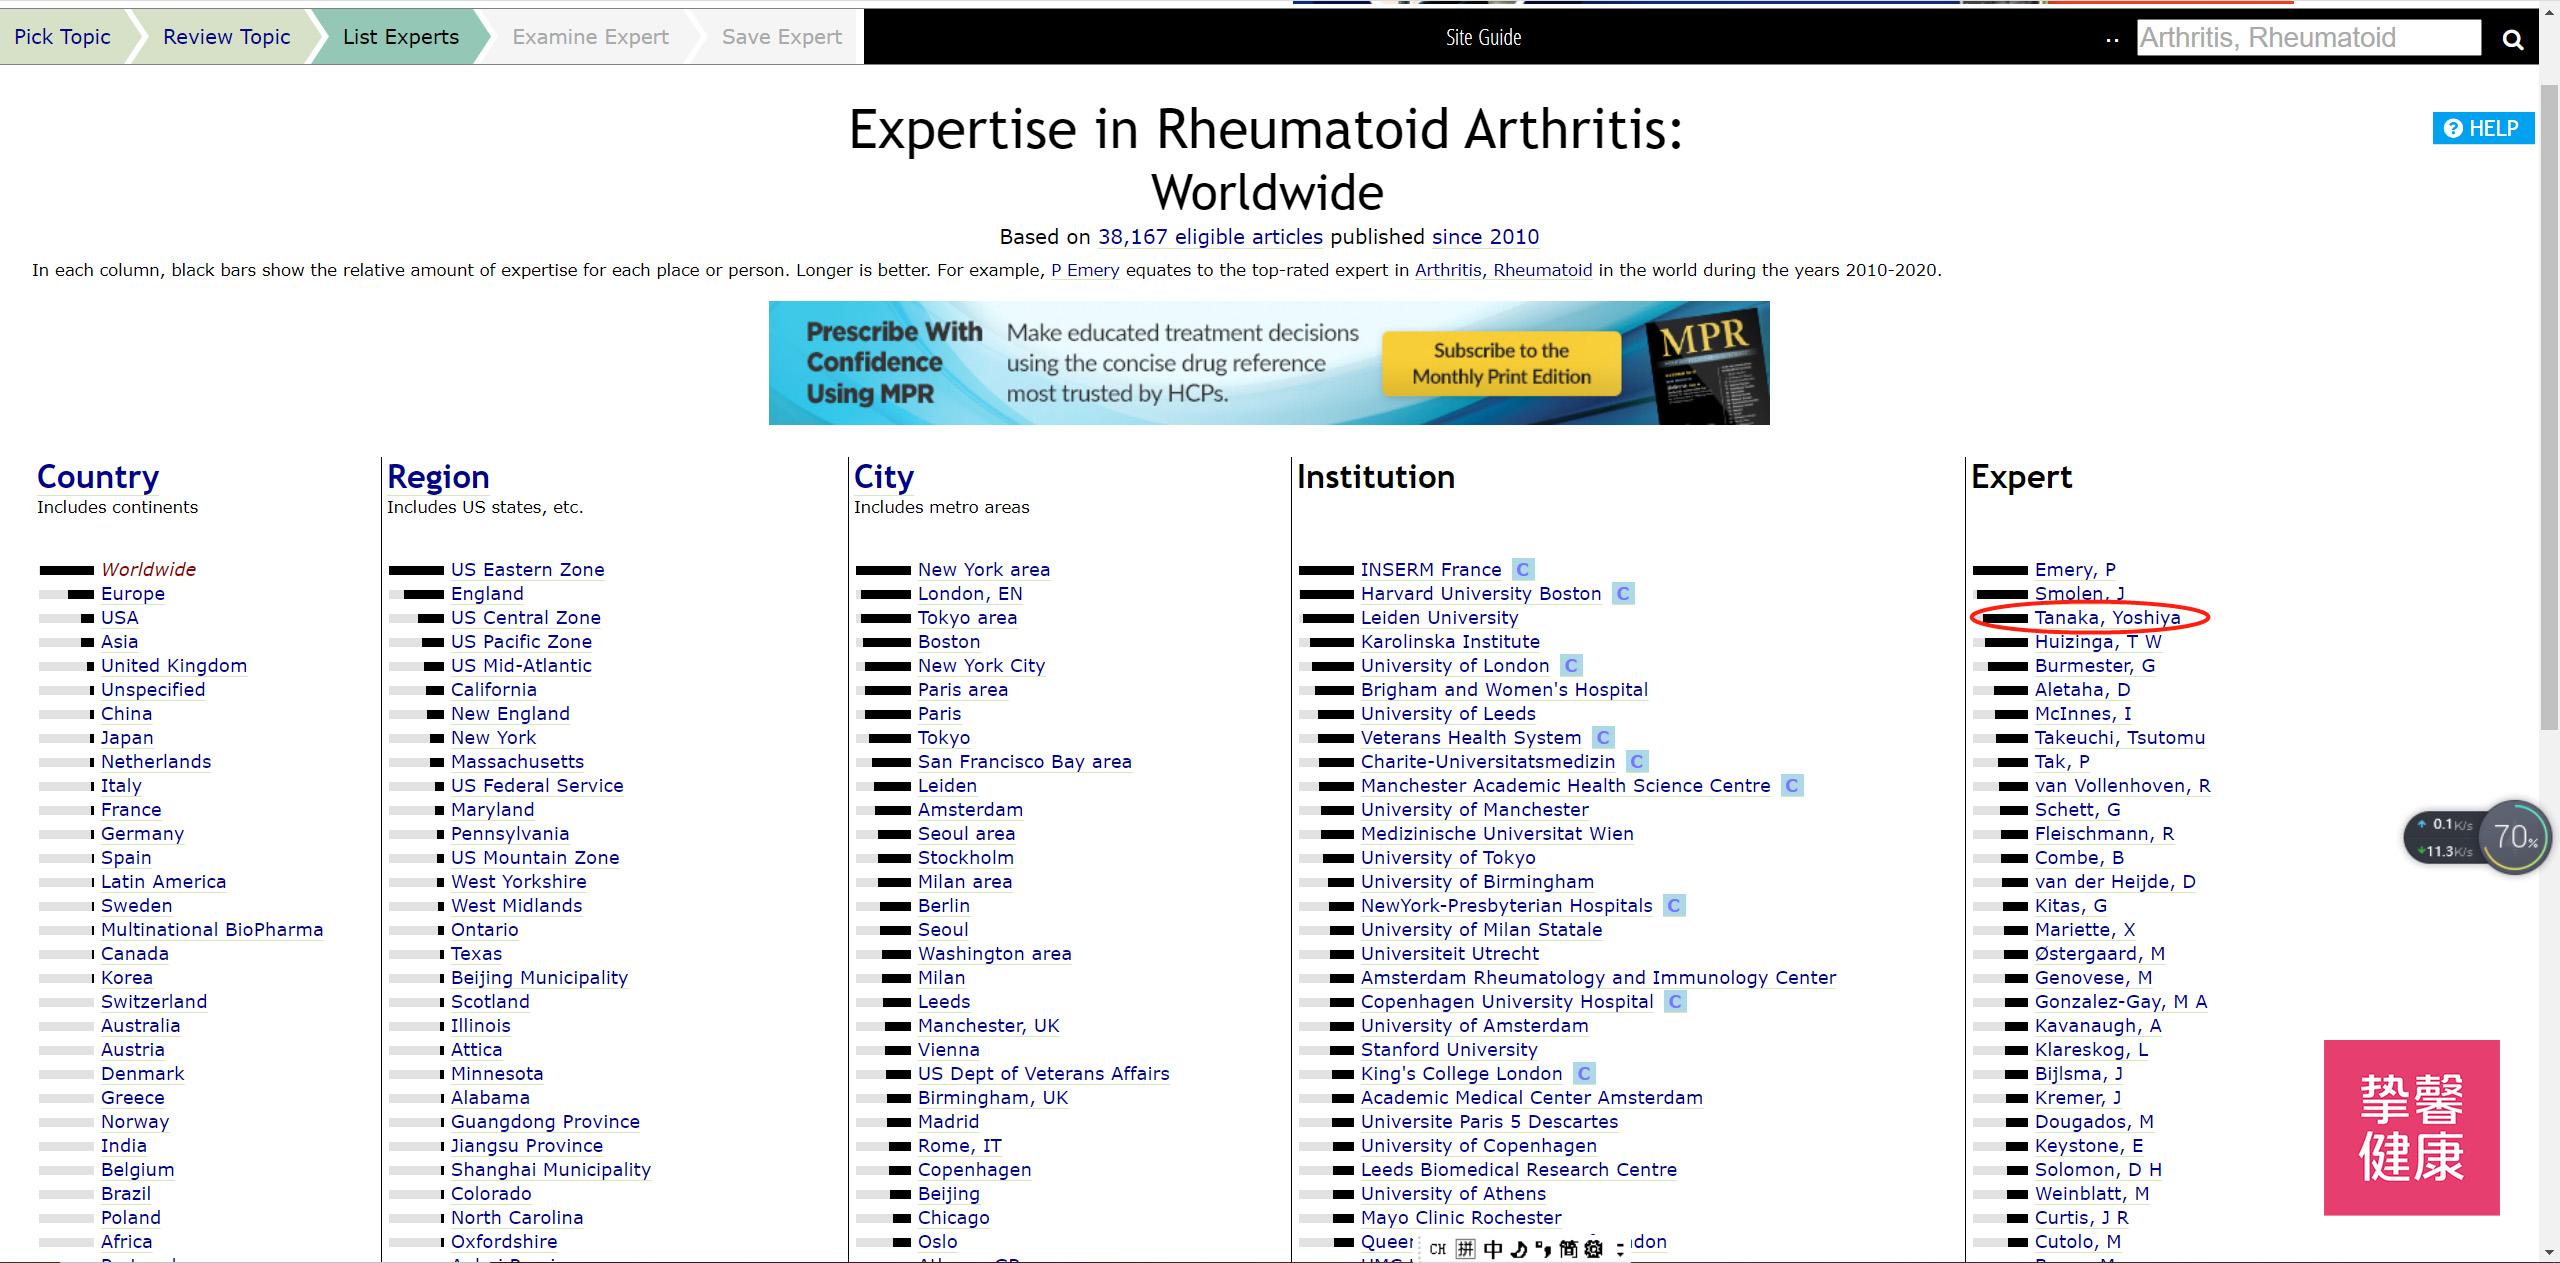 Expertscape 类风湿治疗领域专家排名